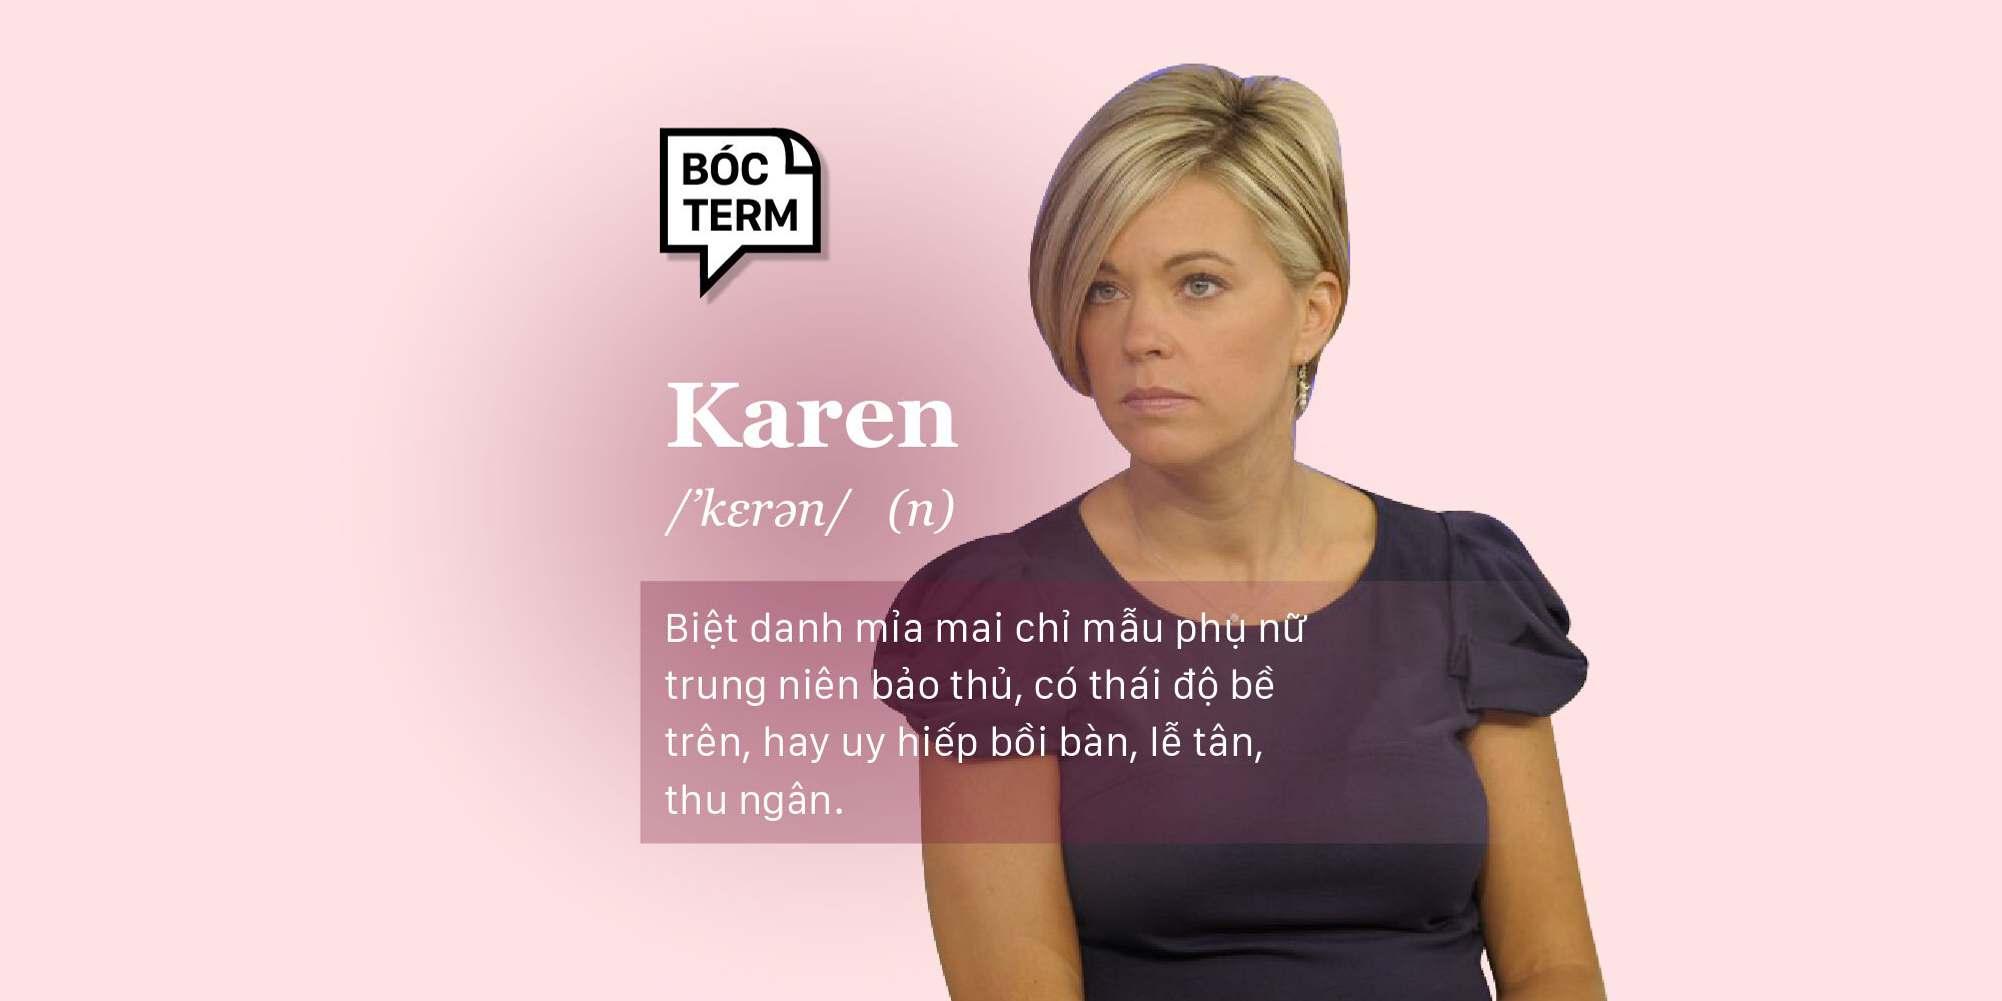 Bóc Term: Karen là gì? Bạn có biết Karen nào quanh mình?